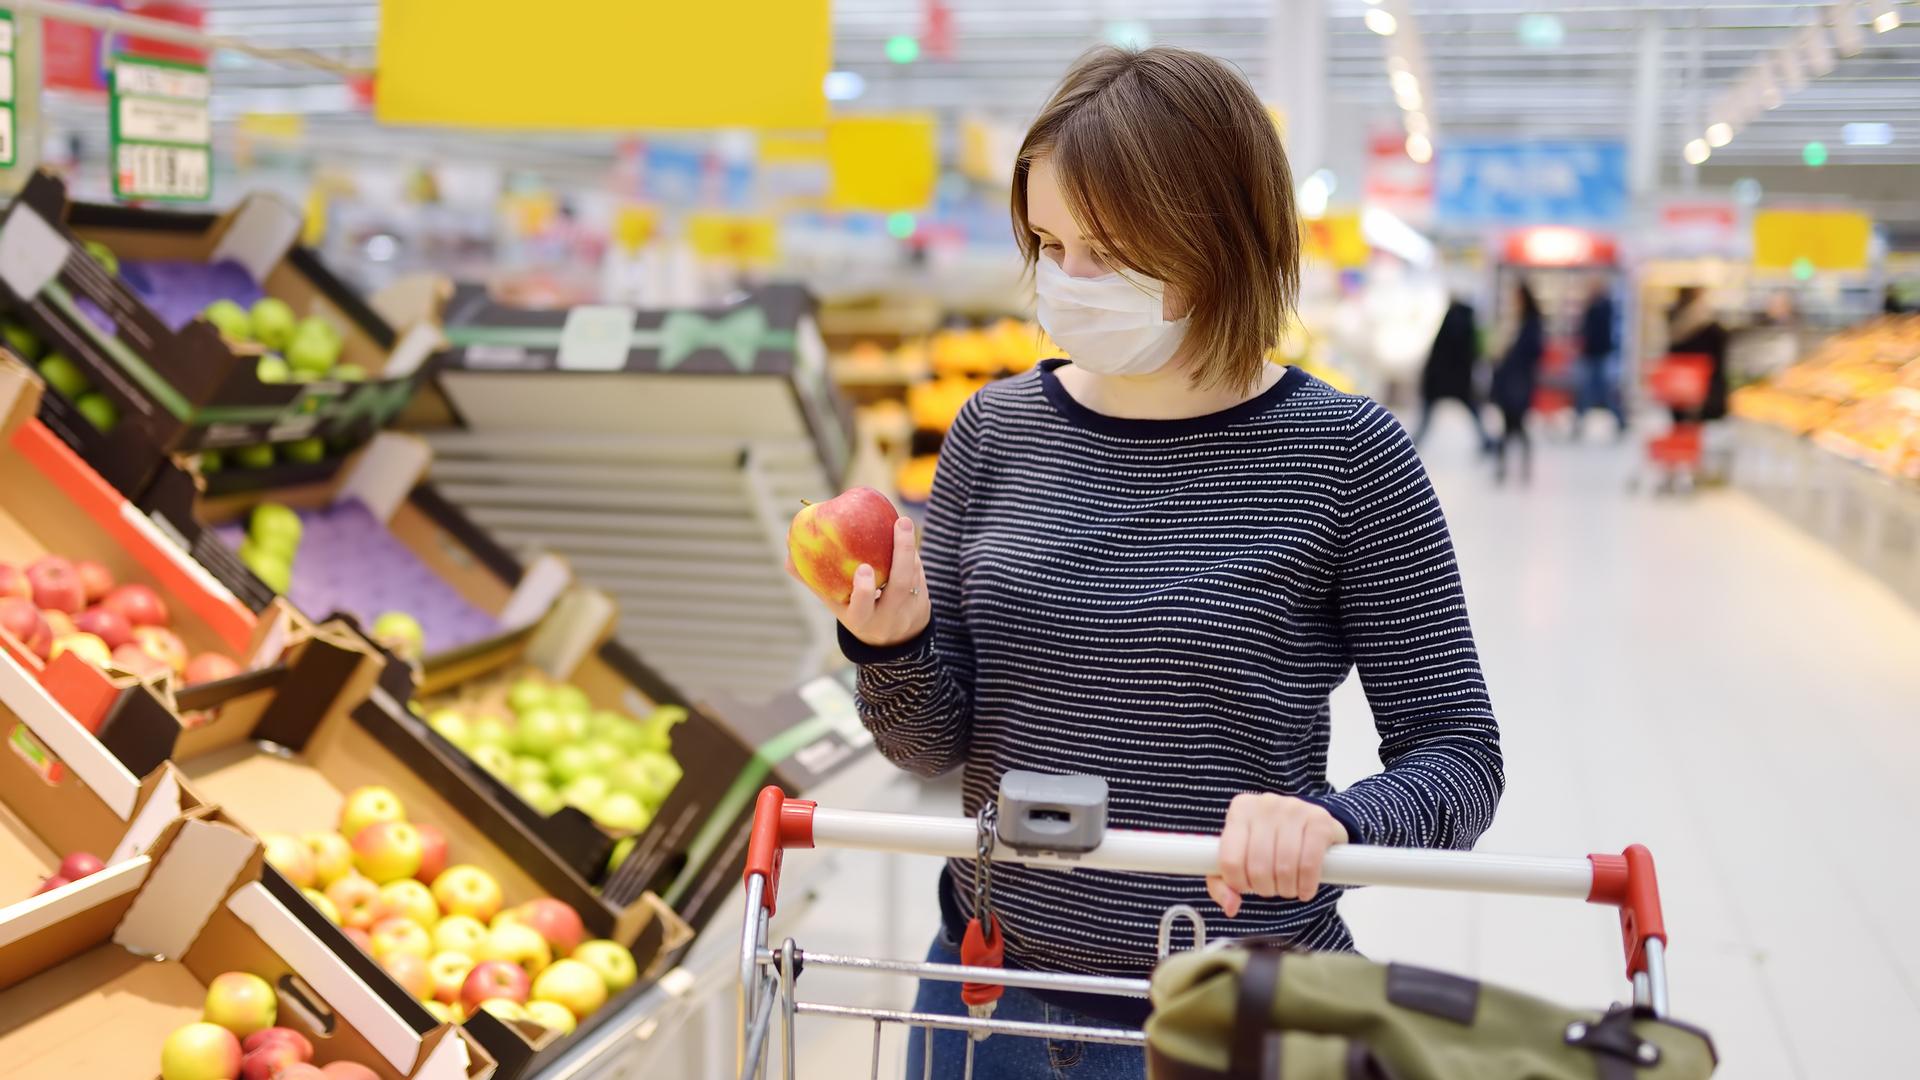 mujer comprando en supermercado con mascarilla